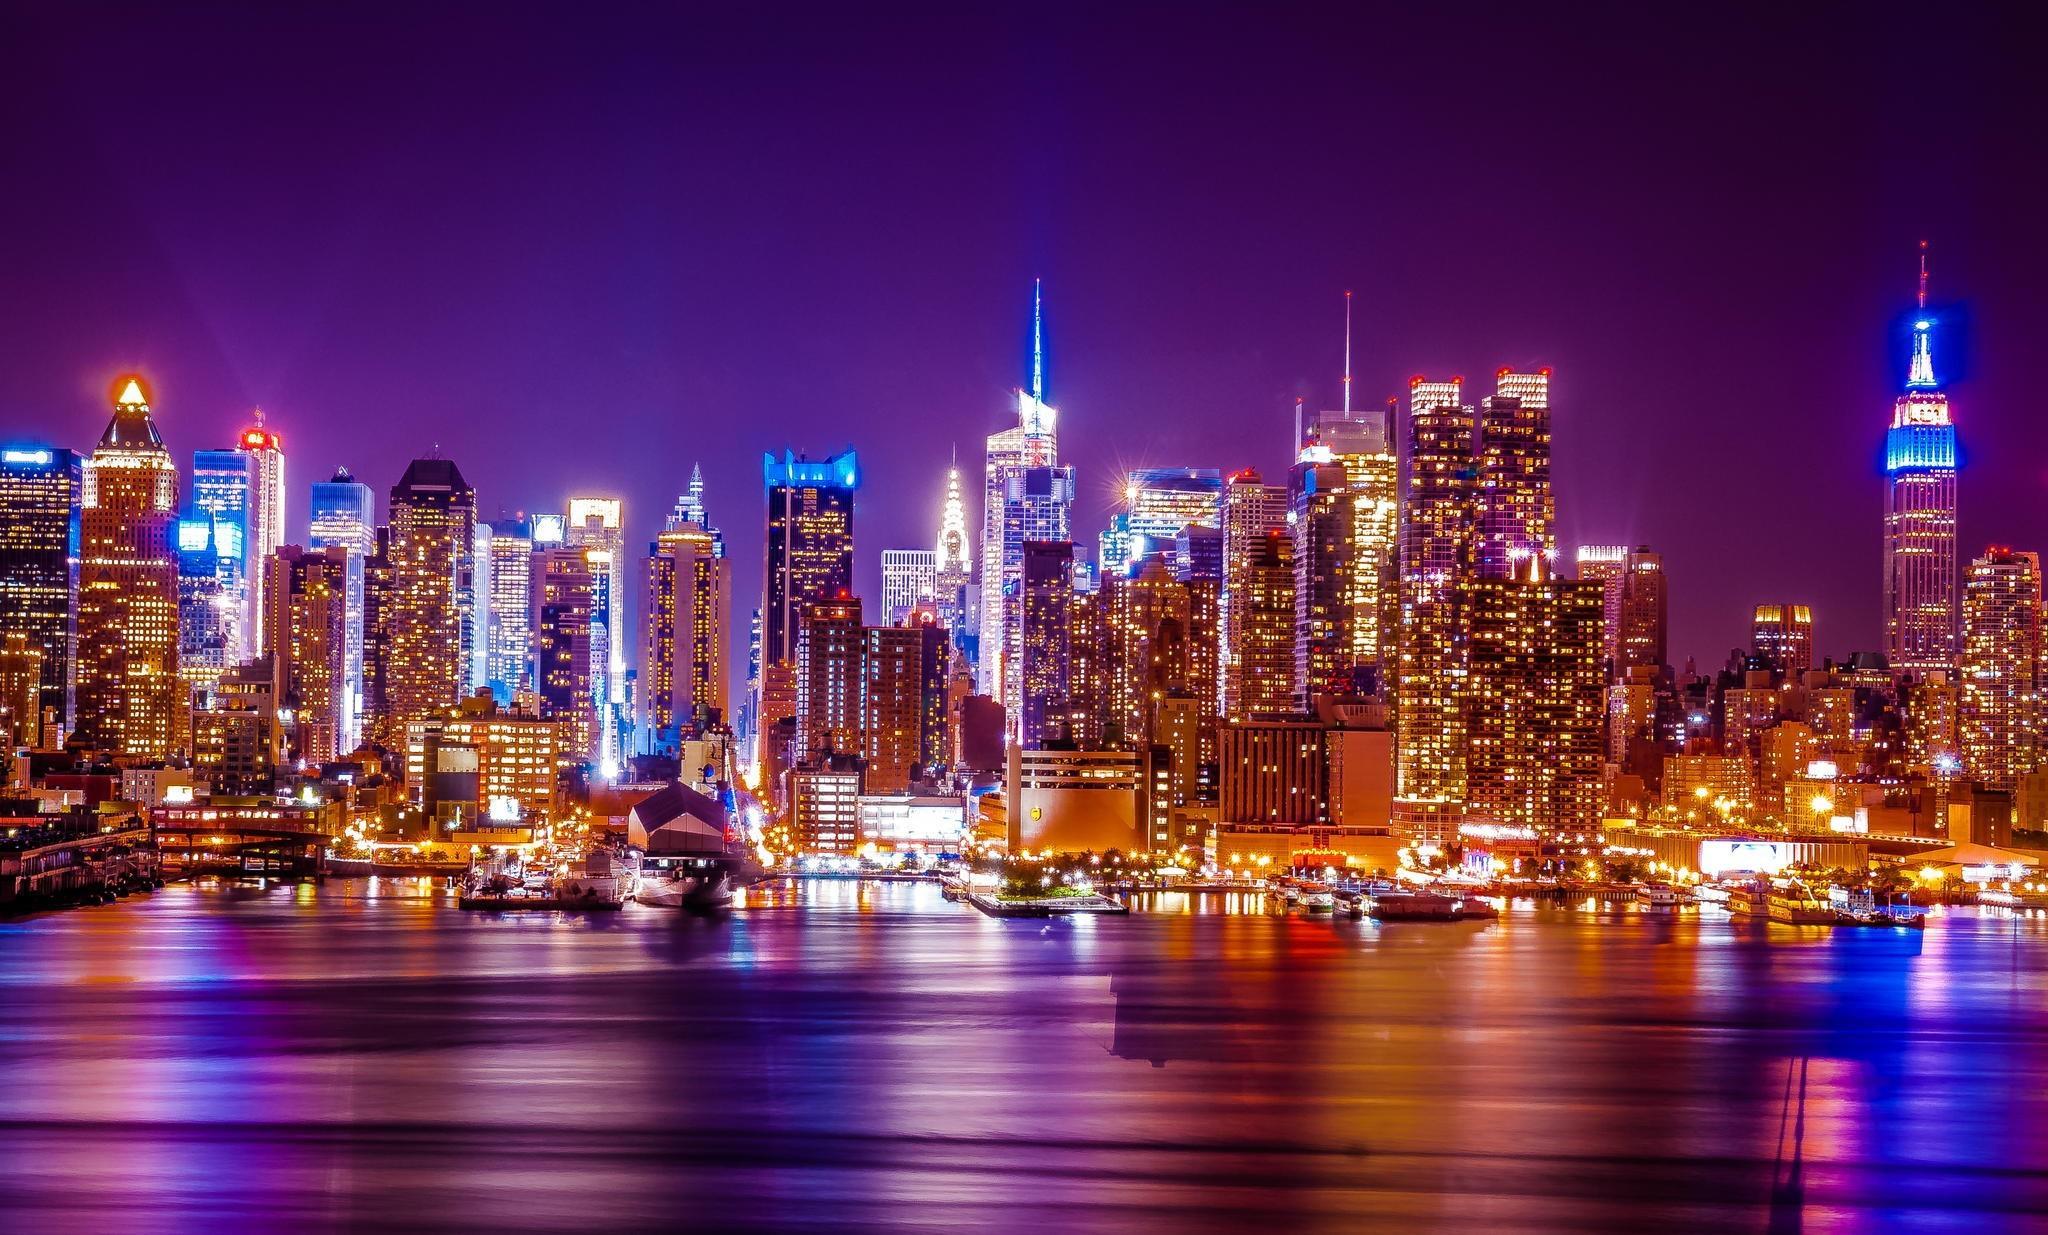 New york sfondi notte 64 immagini for Immagini desktop new york